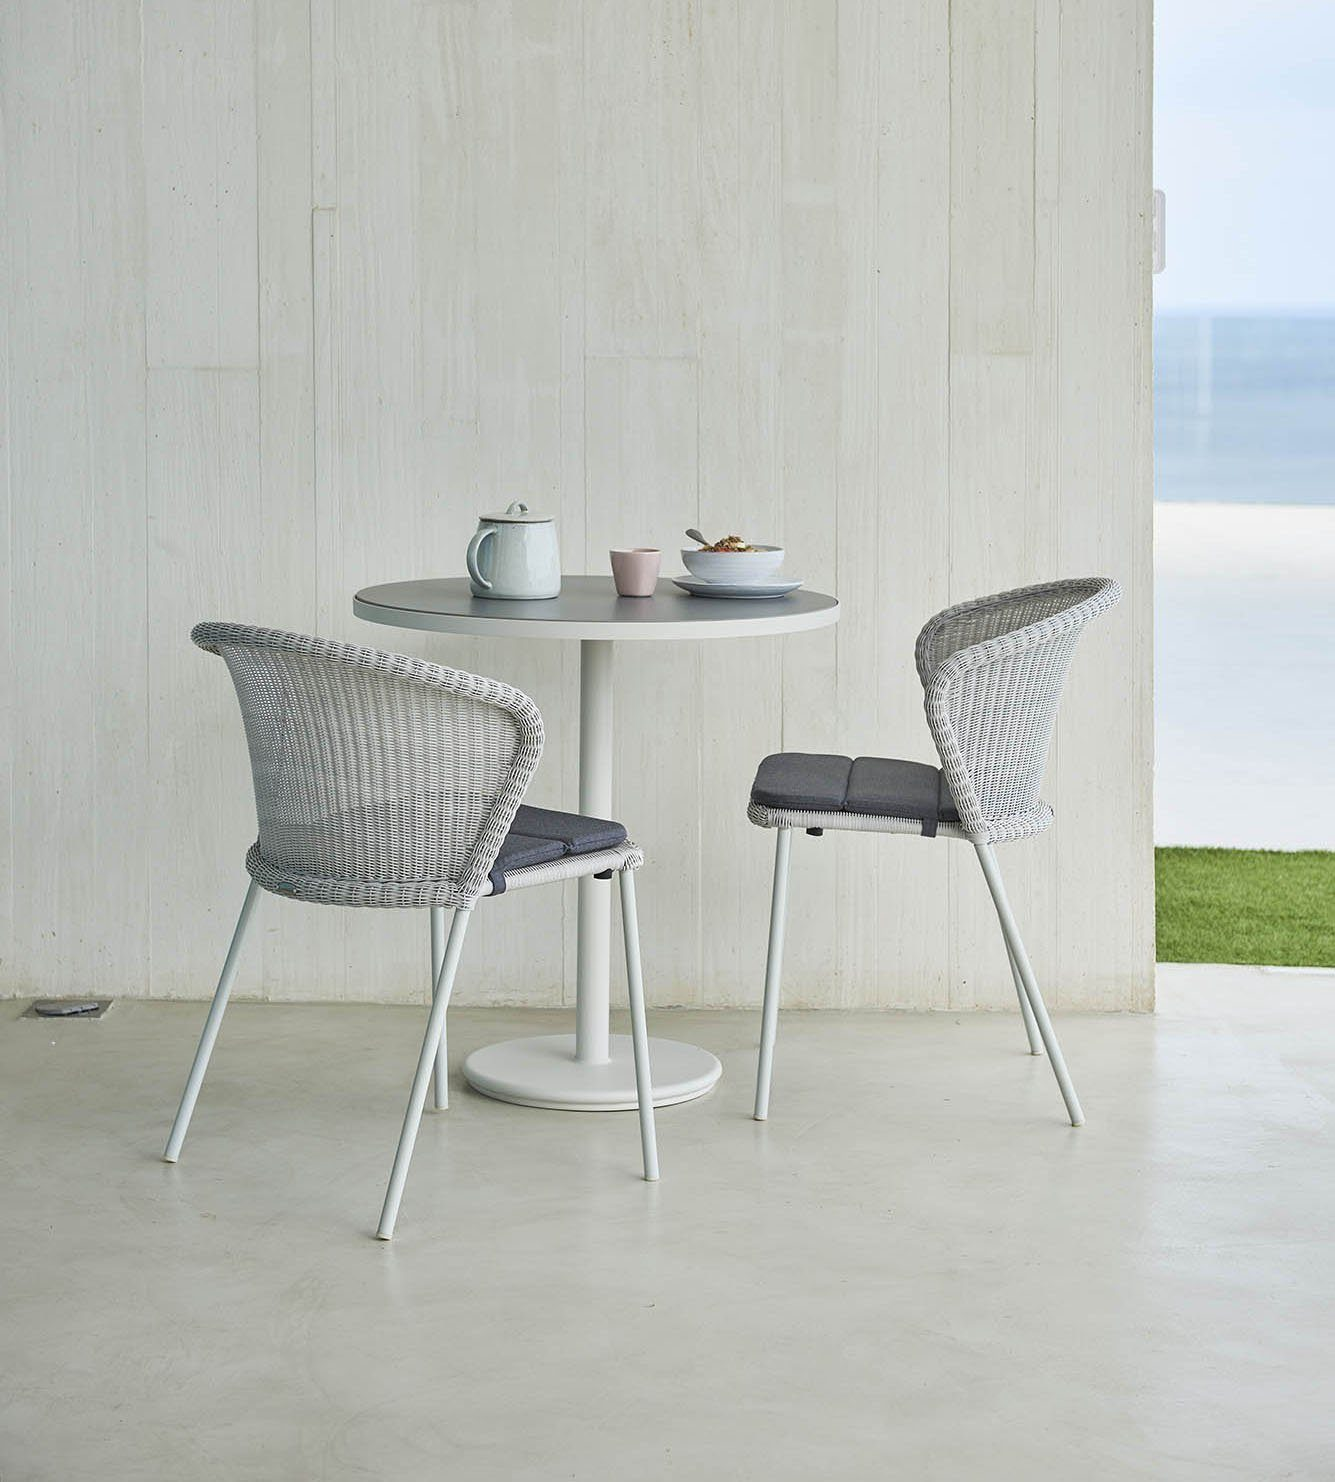 Miljöbild av Lean matstol och Go cafébord från Cane-Line.